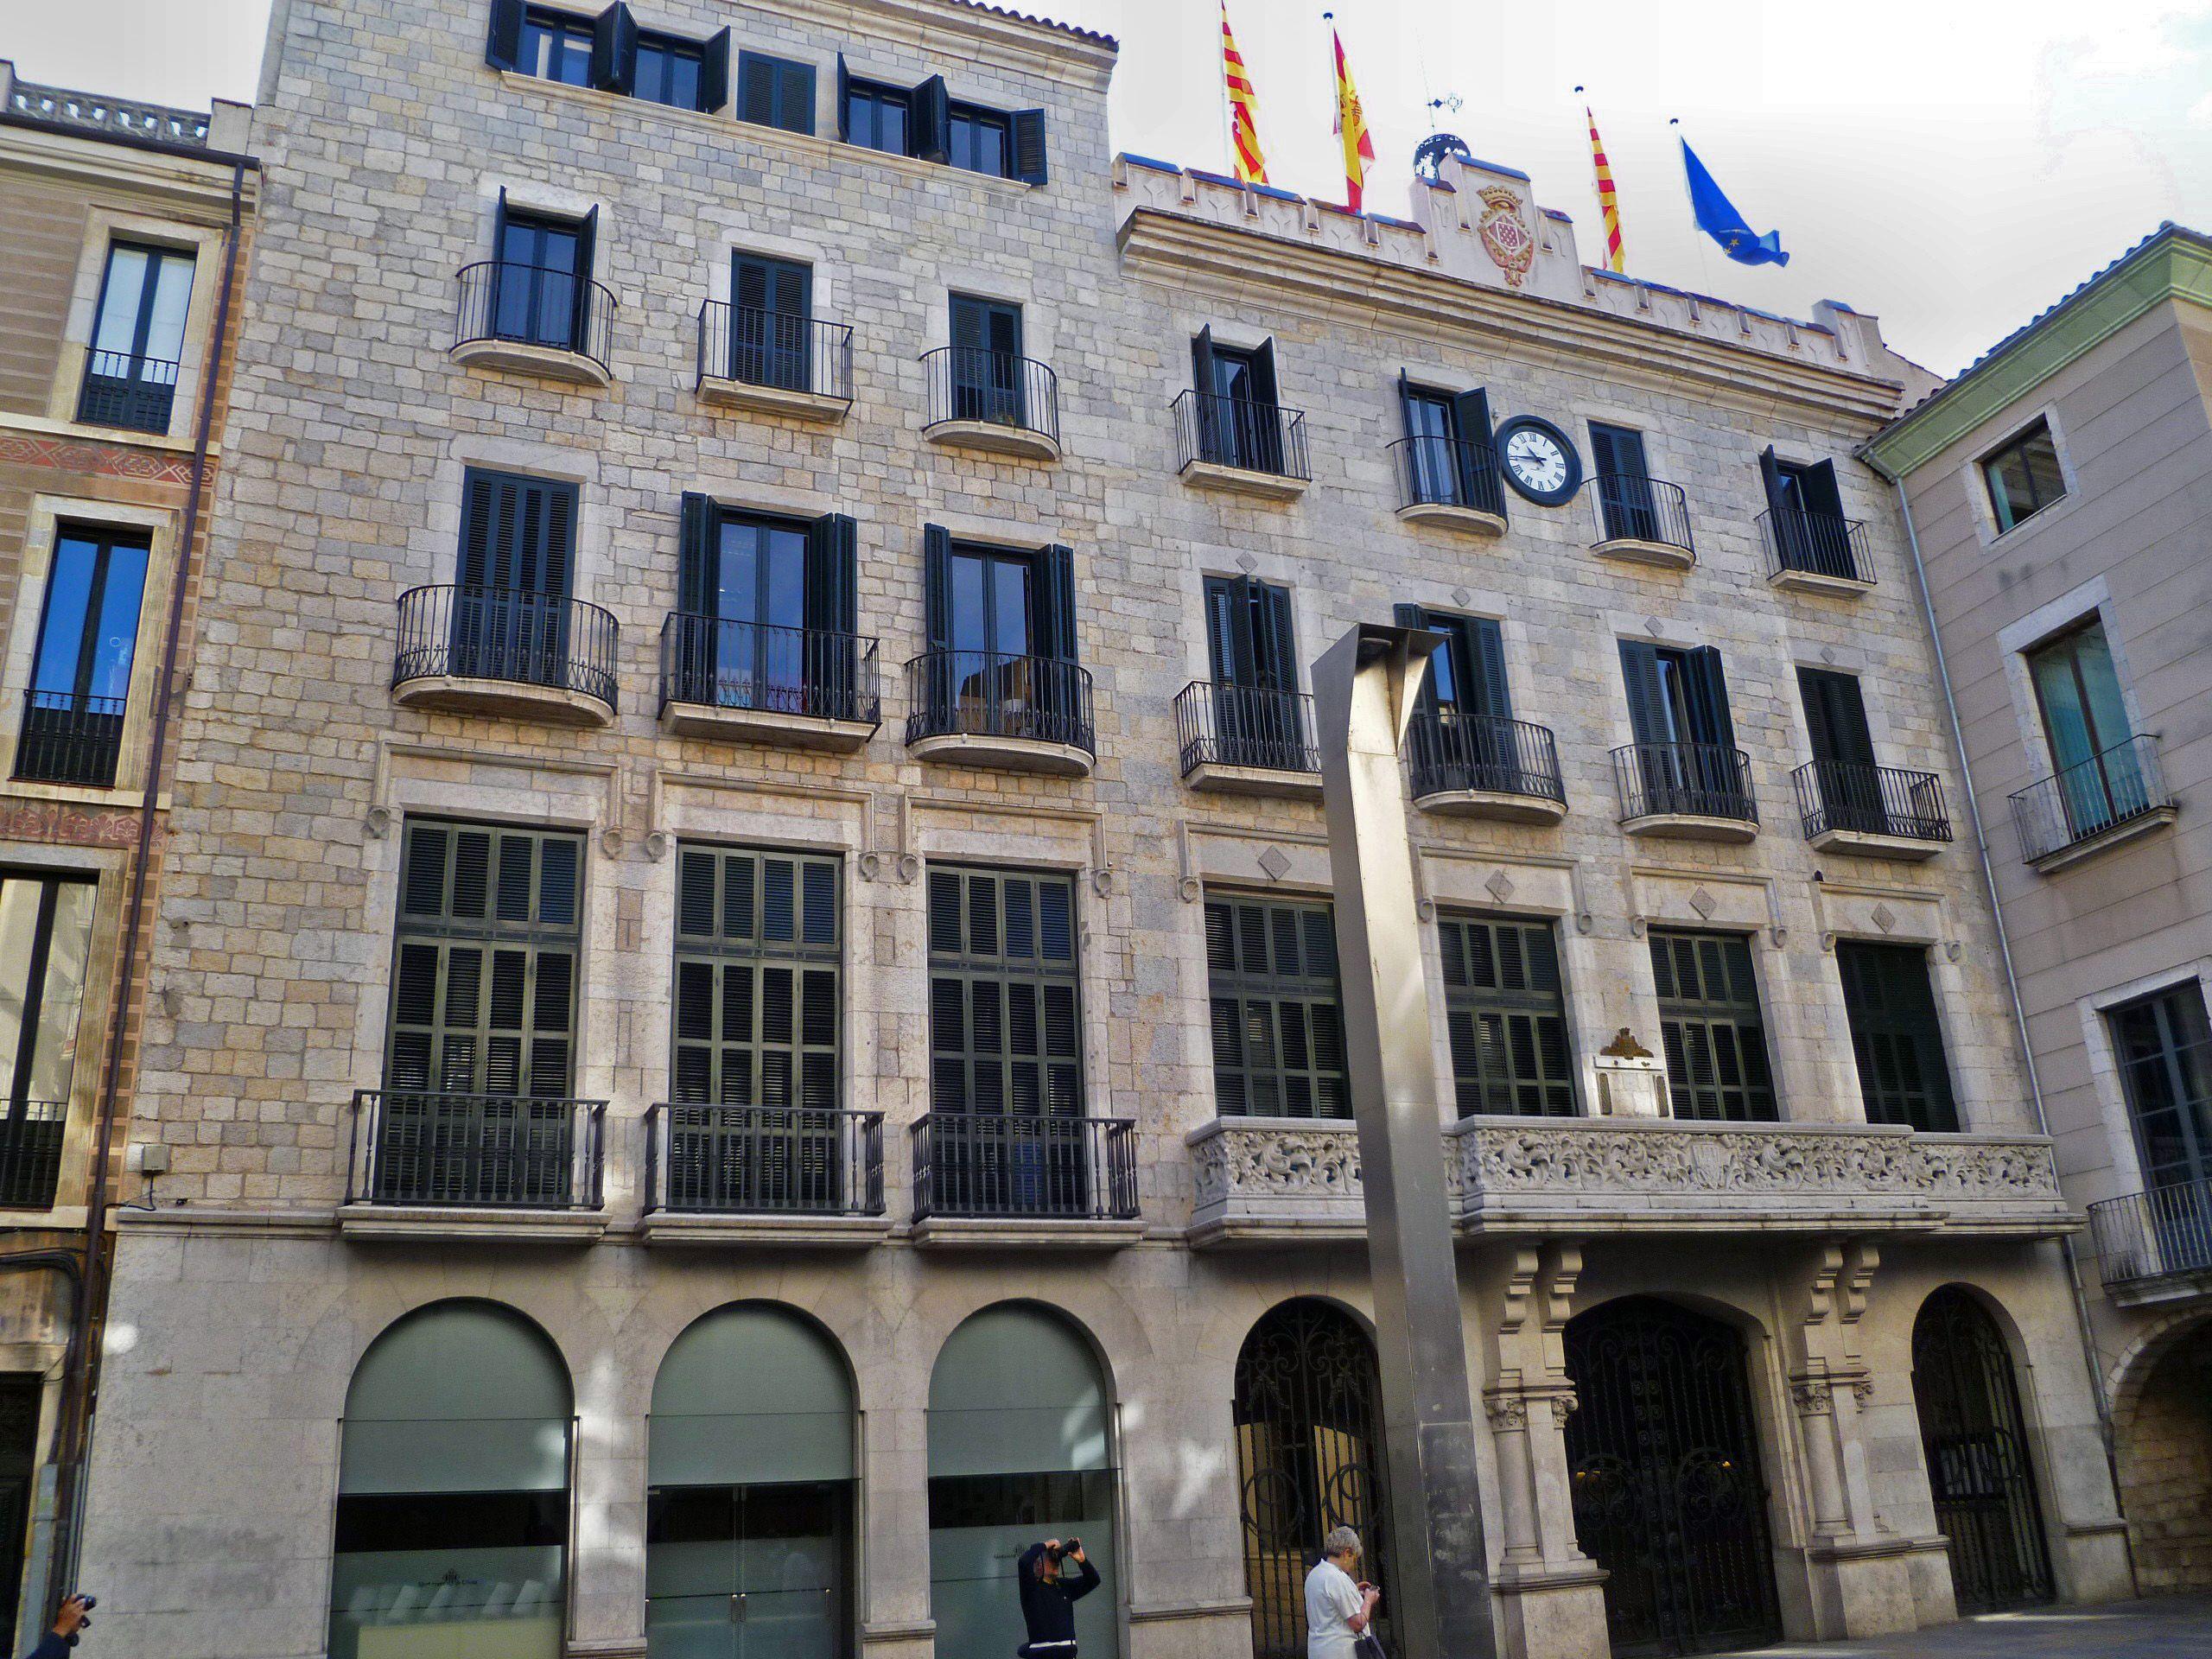 Antifraude Investiga El Ayuntamiento De Gerona